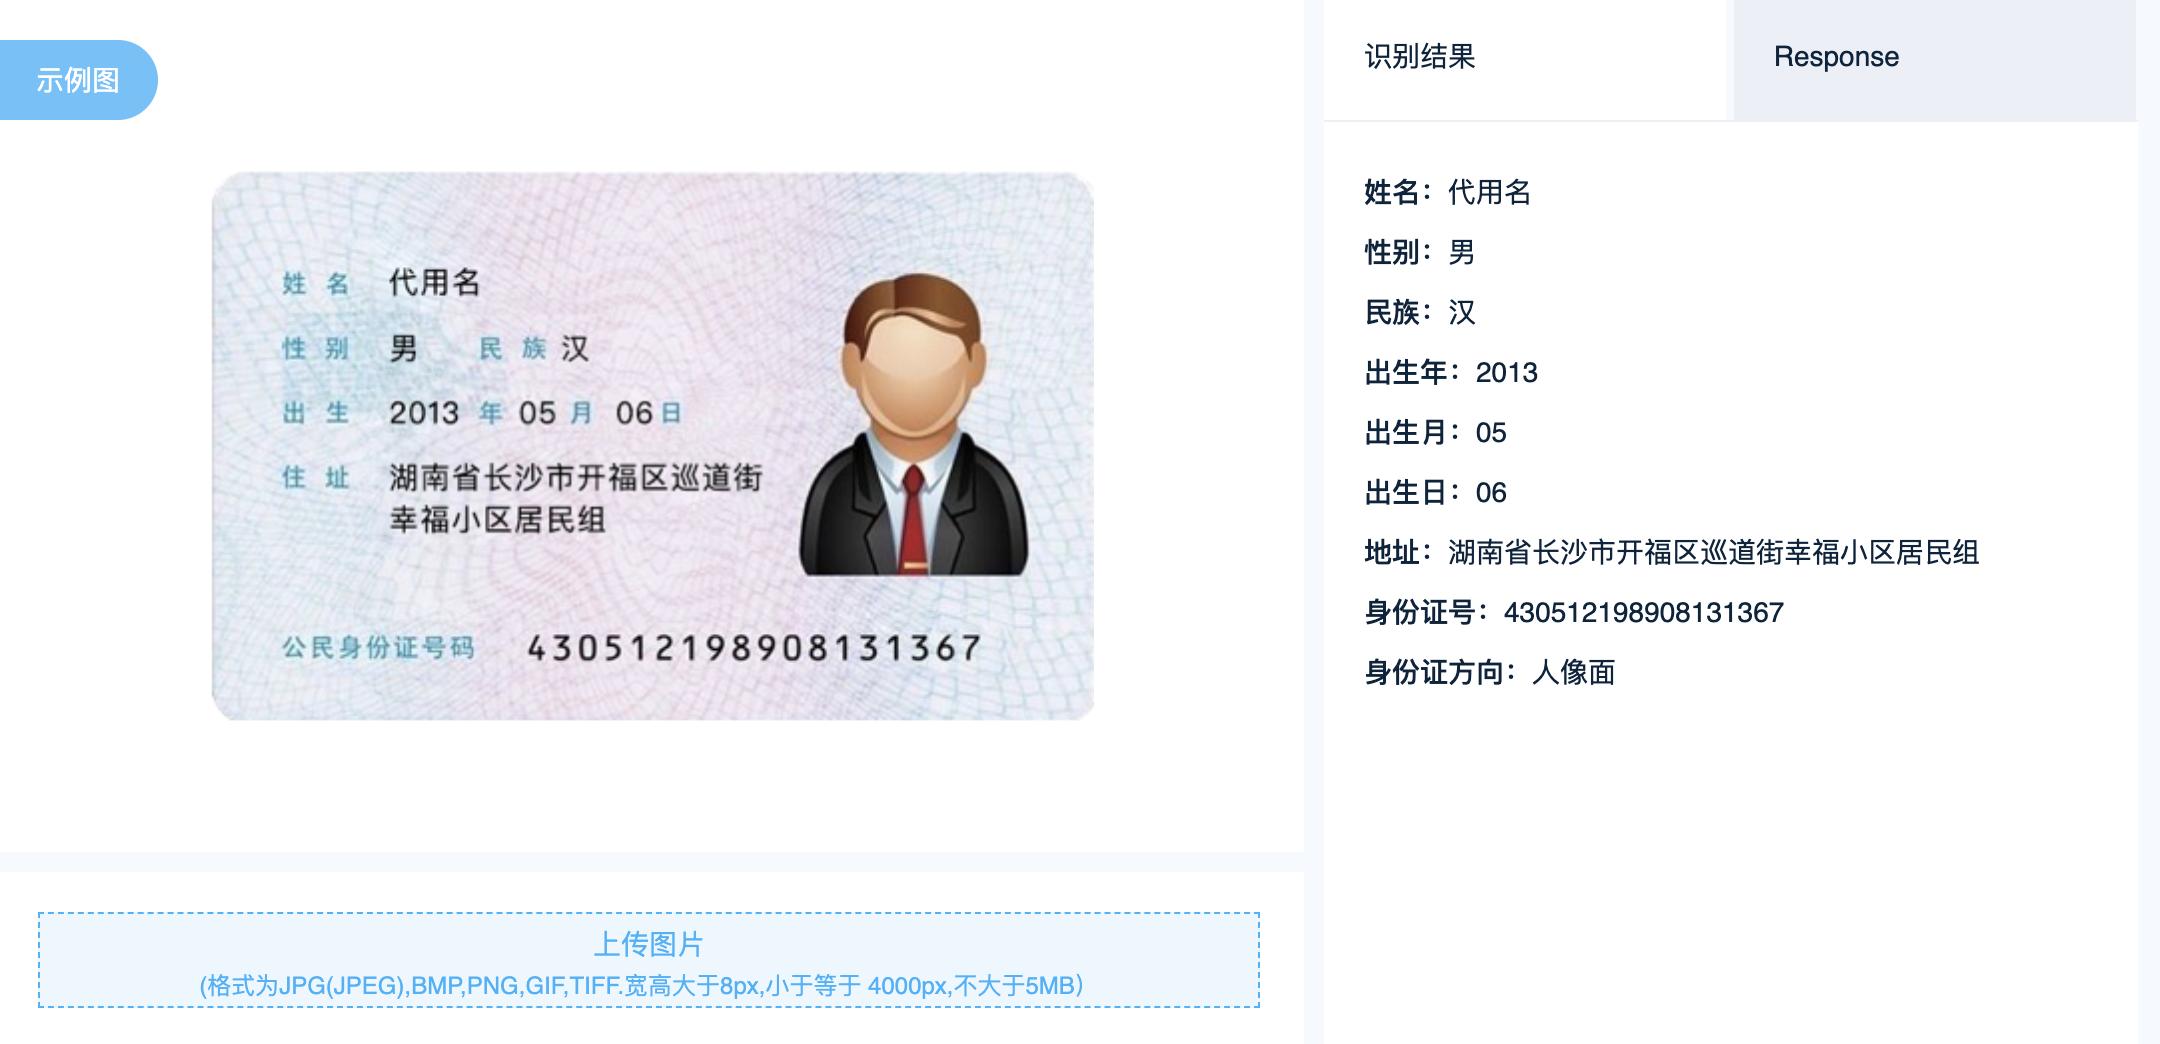 【十一国庆献礼】身份证图像识别-身份证识别-二代身份证OCR识别-信息识别-身份证OCR识别-今始科技(Linkface)